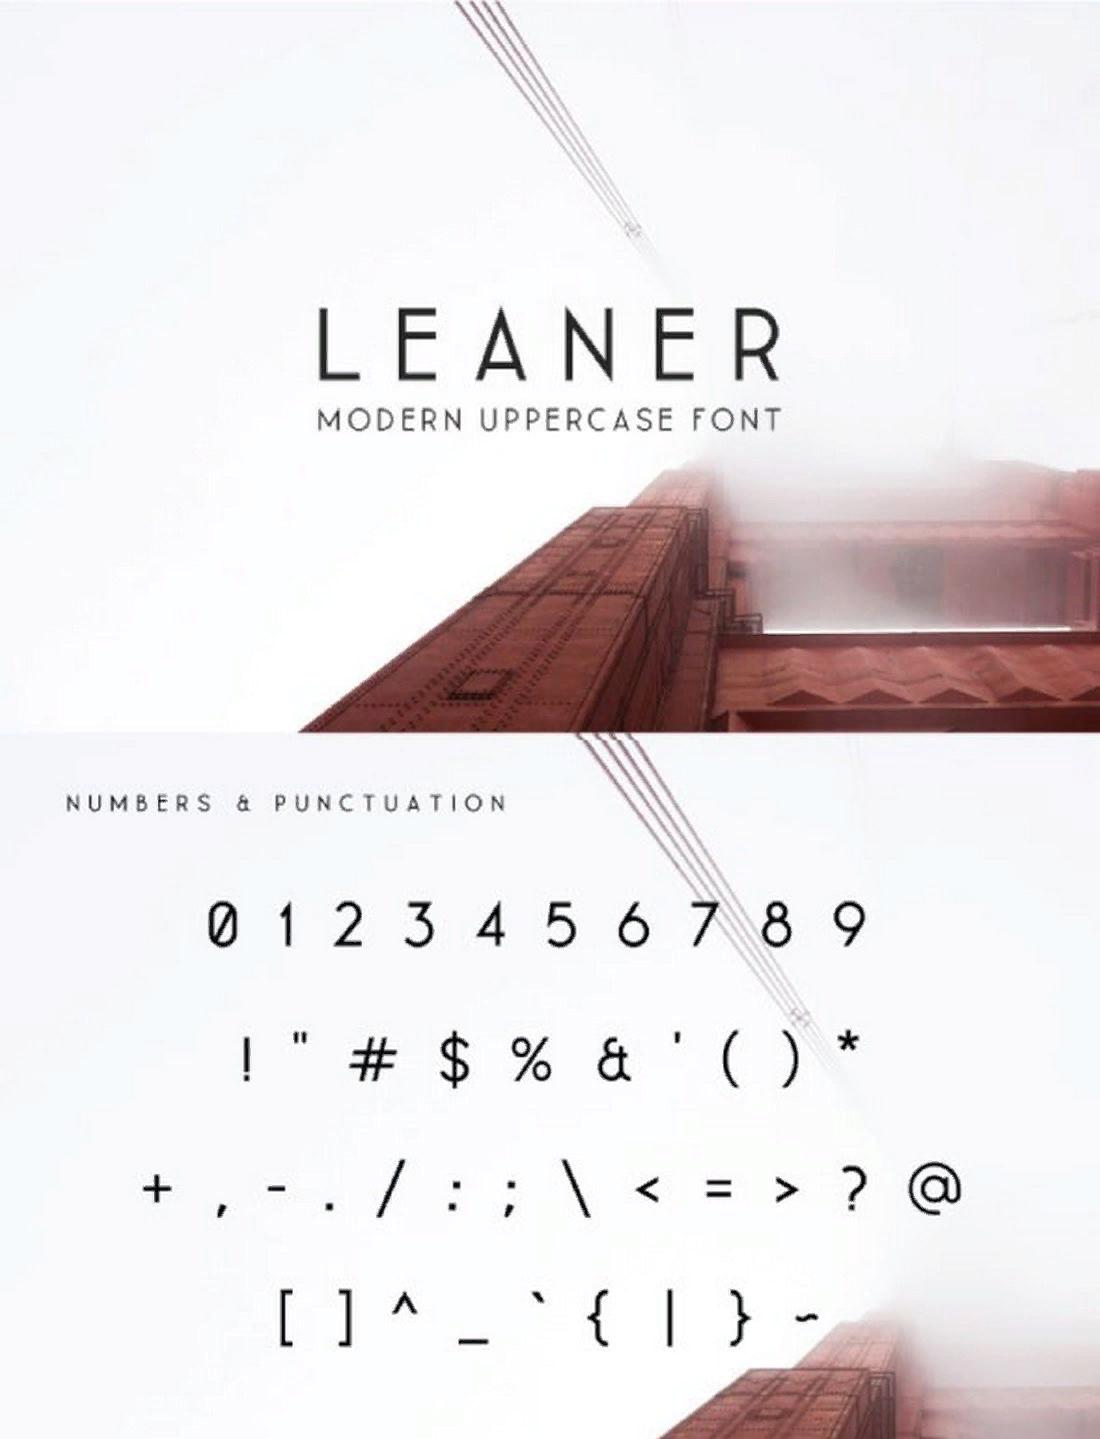 Leaner Modern